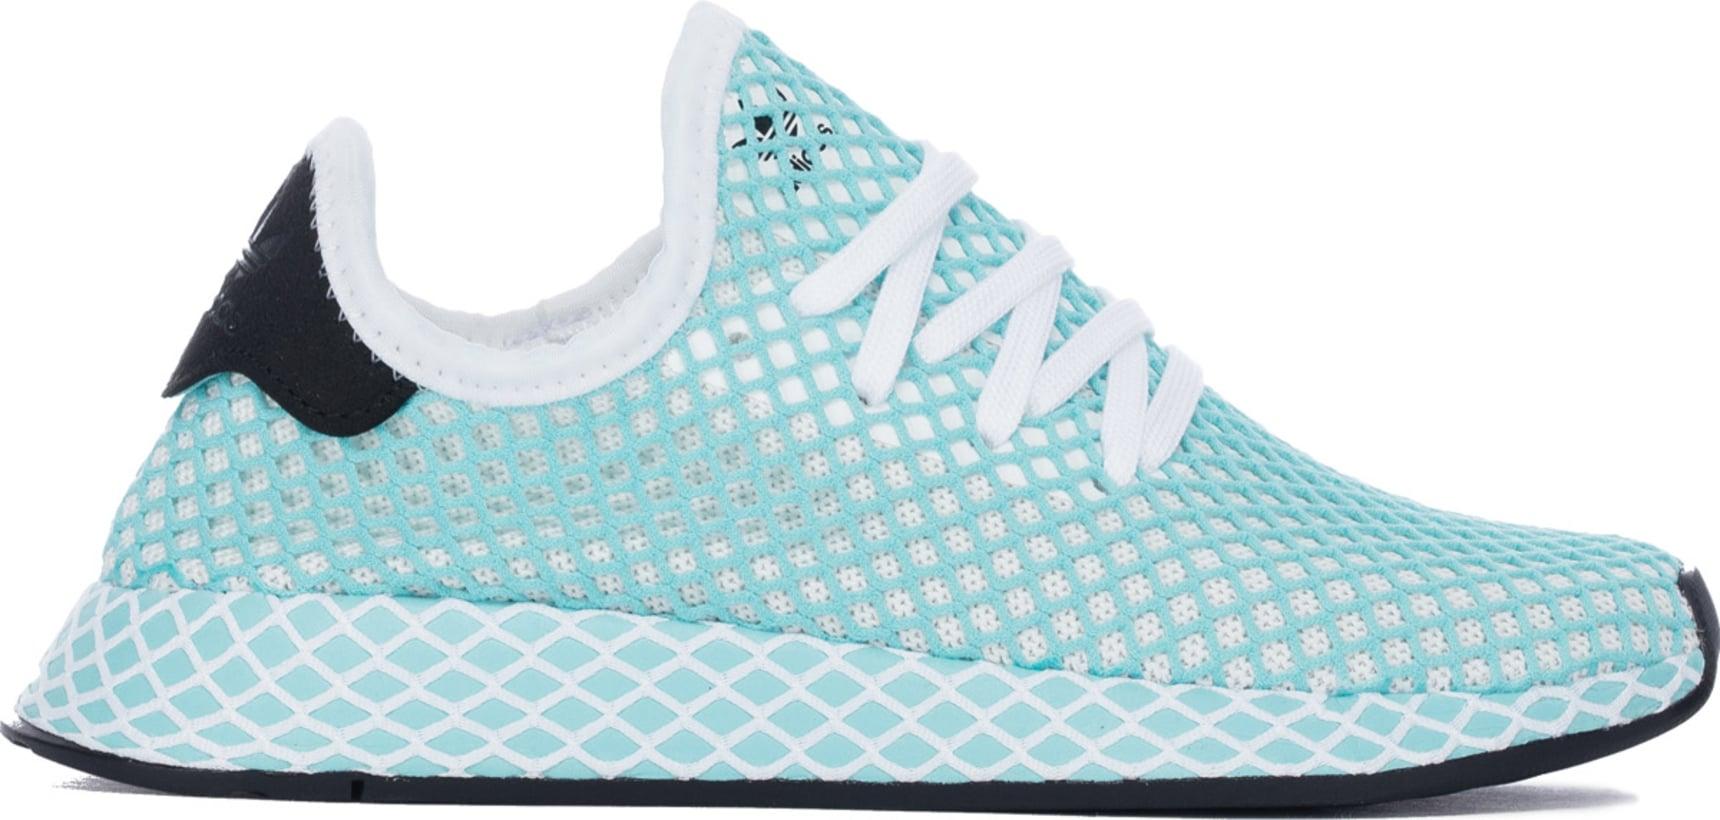 bbdc7bafb adidas Originals  Deerupt Runner Parley - Footwear White Footwear ...